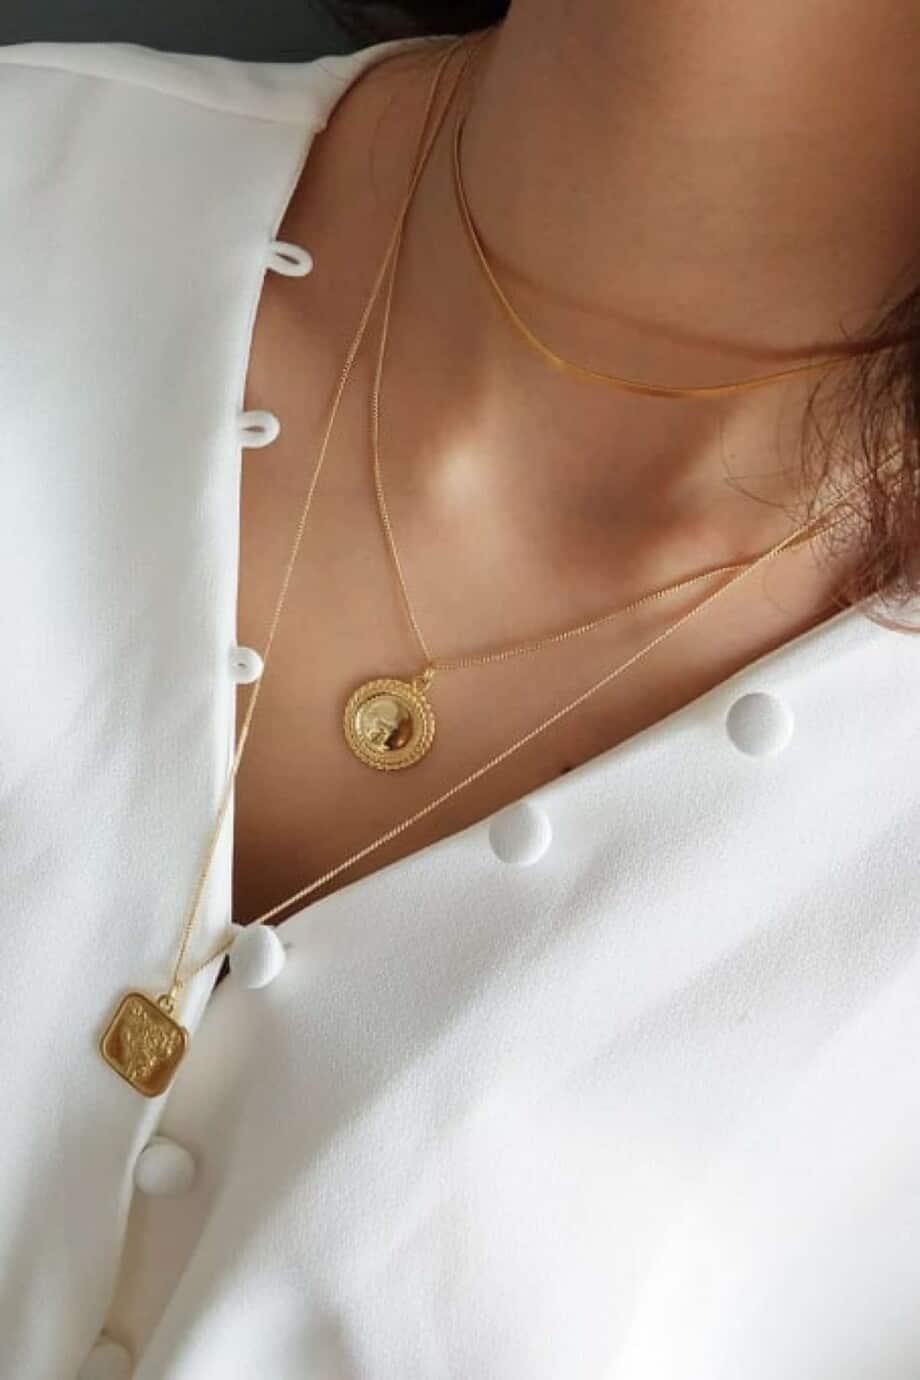 Gouden ketting 'Forever love' bloem amulet van Goud op Zilver